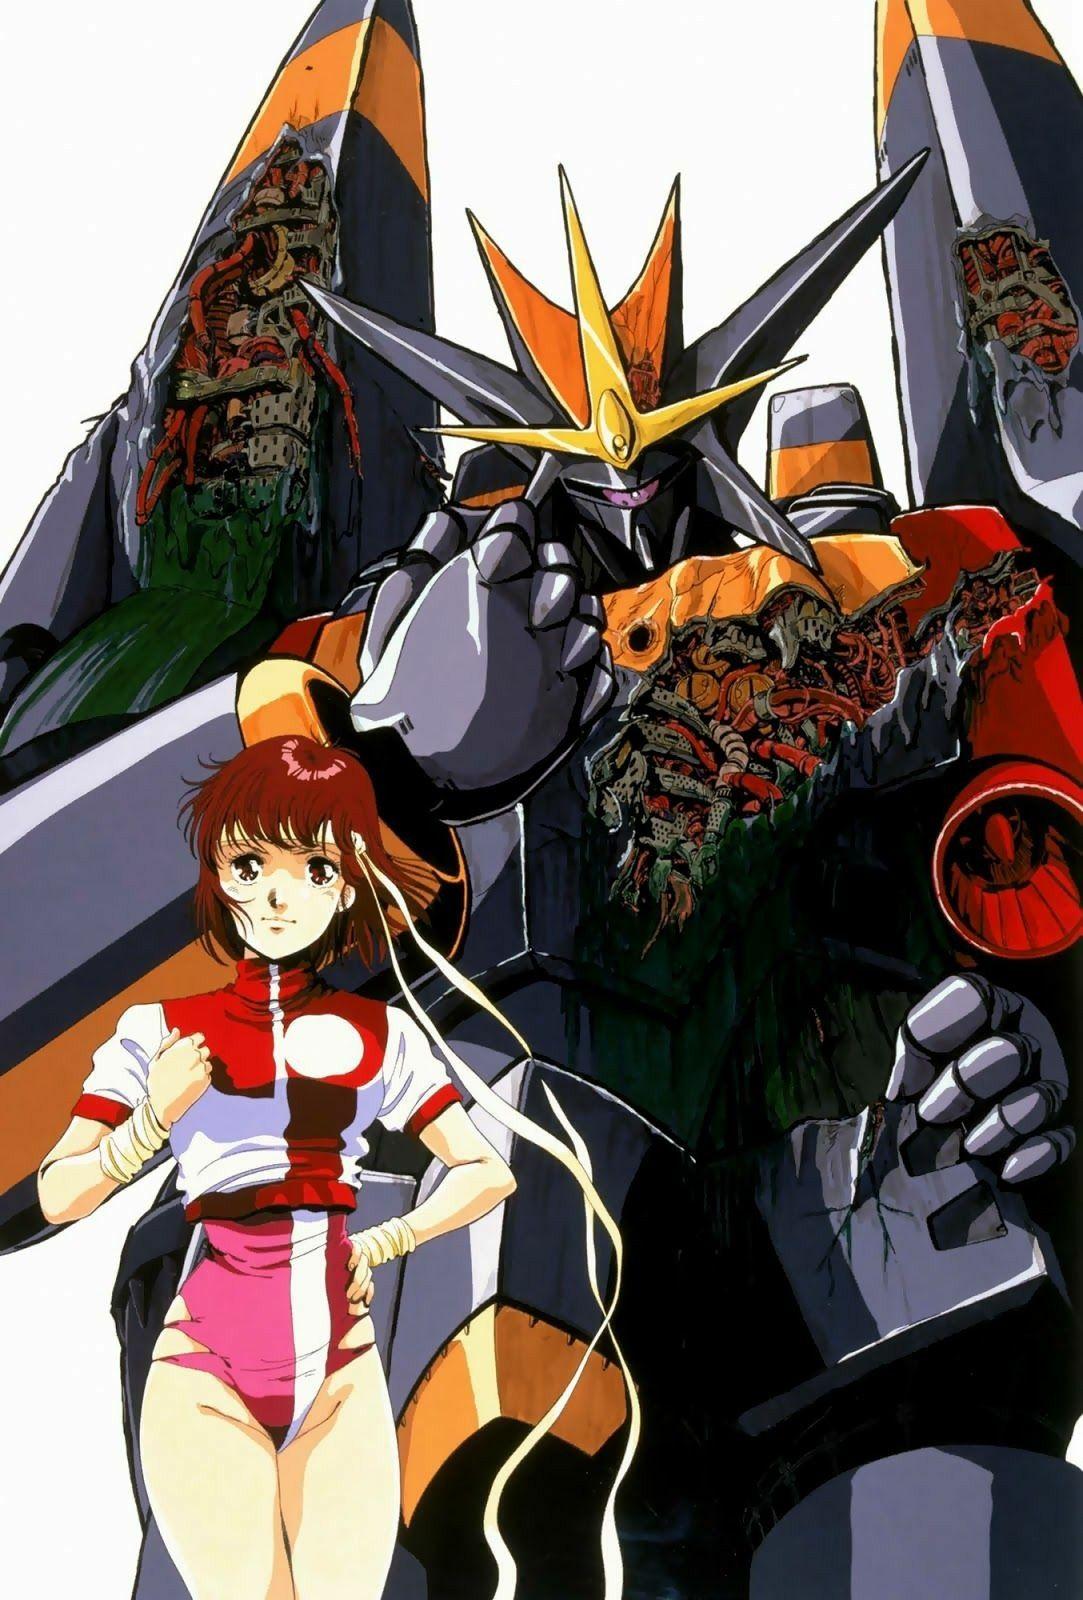 Official Anime Art Box on Twitter in 2020 Anime, Manga